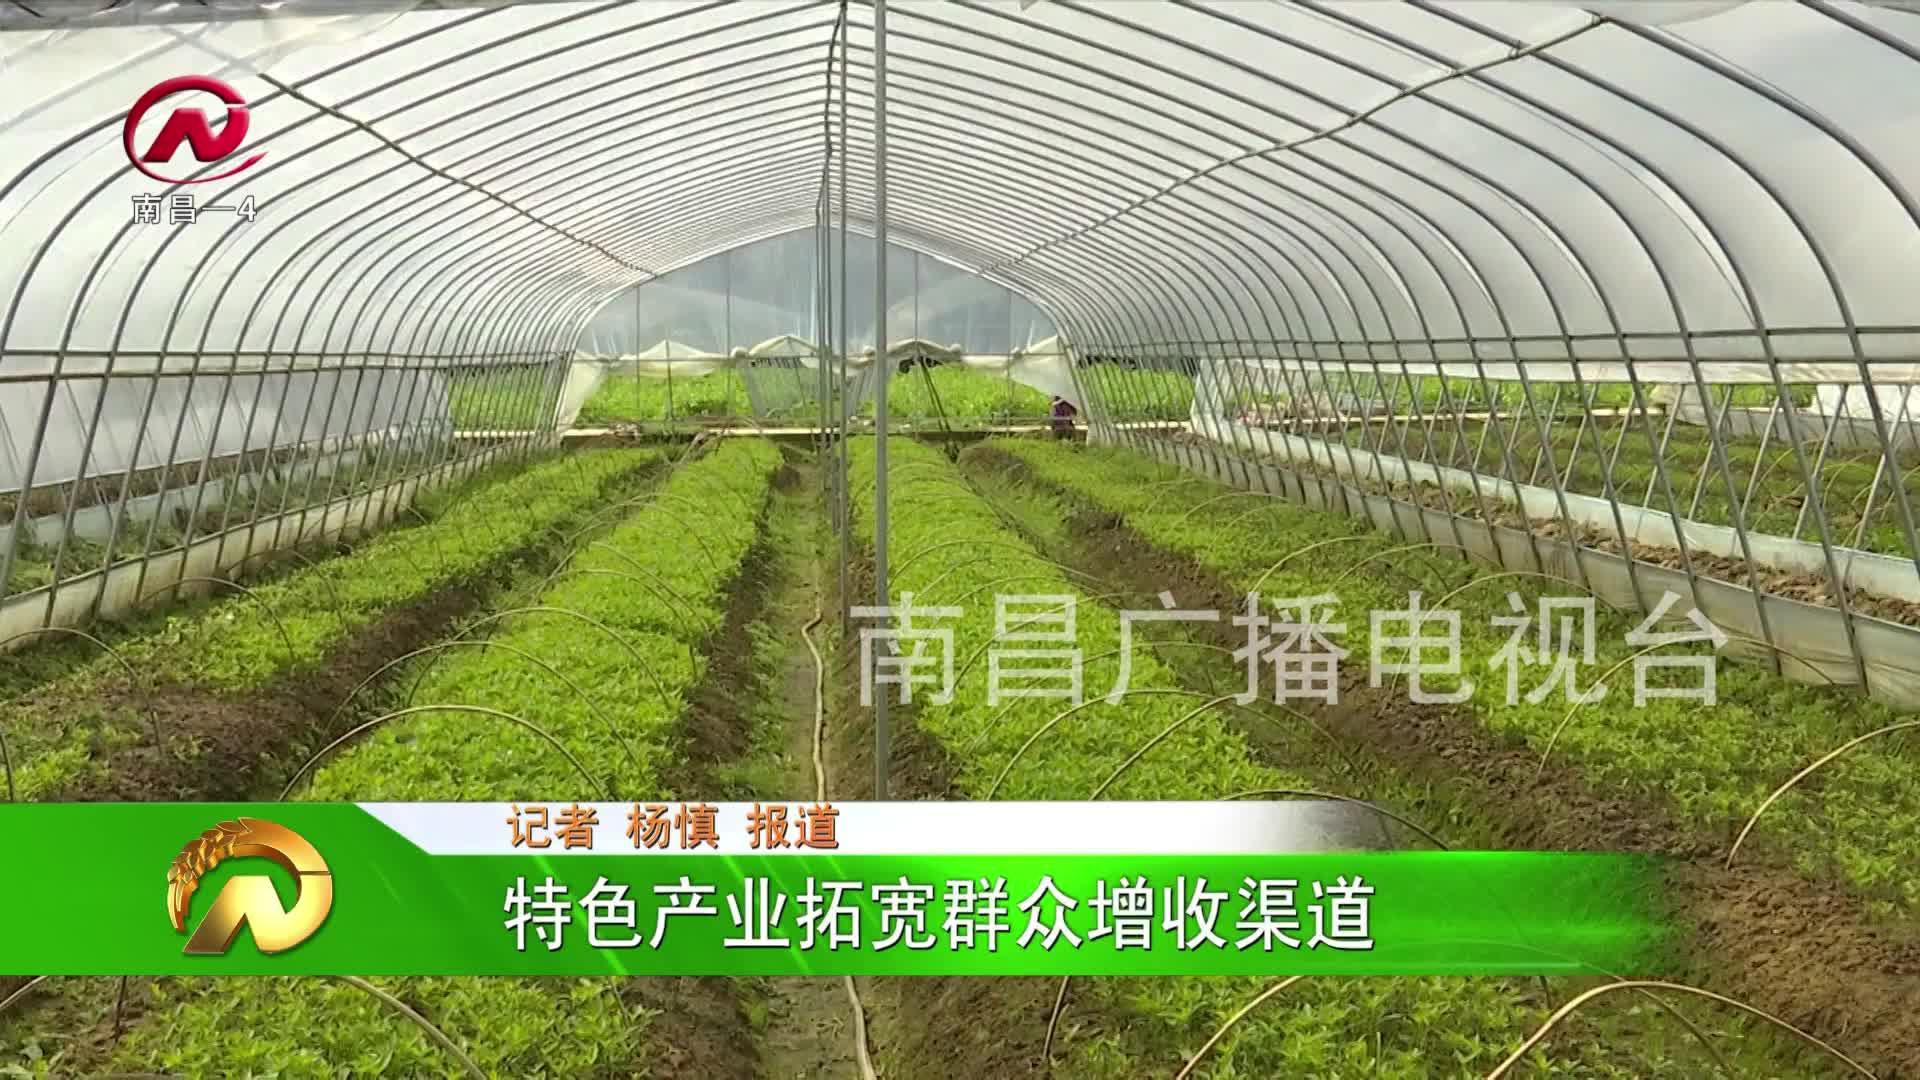 【豫章農視】特色產業拓寬群眾增收渠道